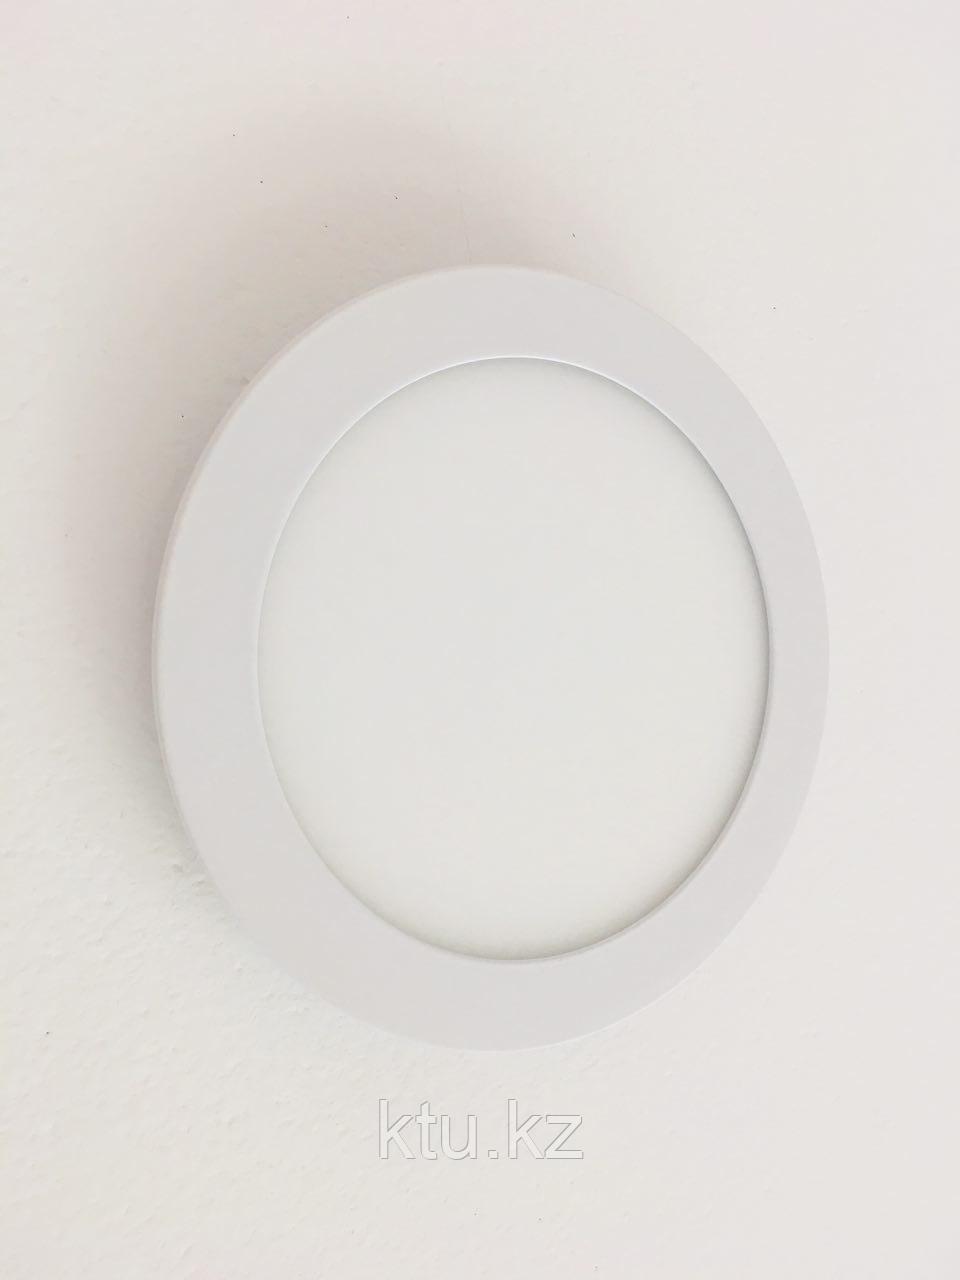 Светильники (споты) JL-MF 12W,наружный 1год гарантия